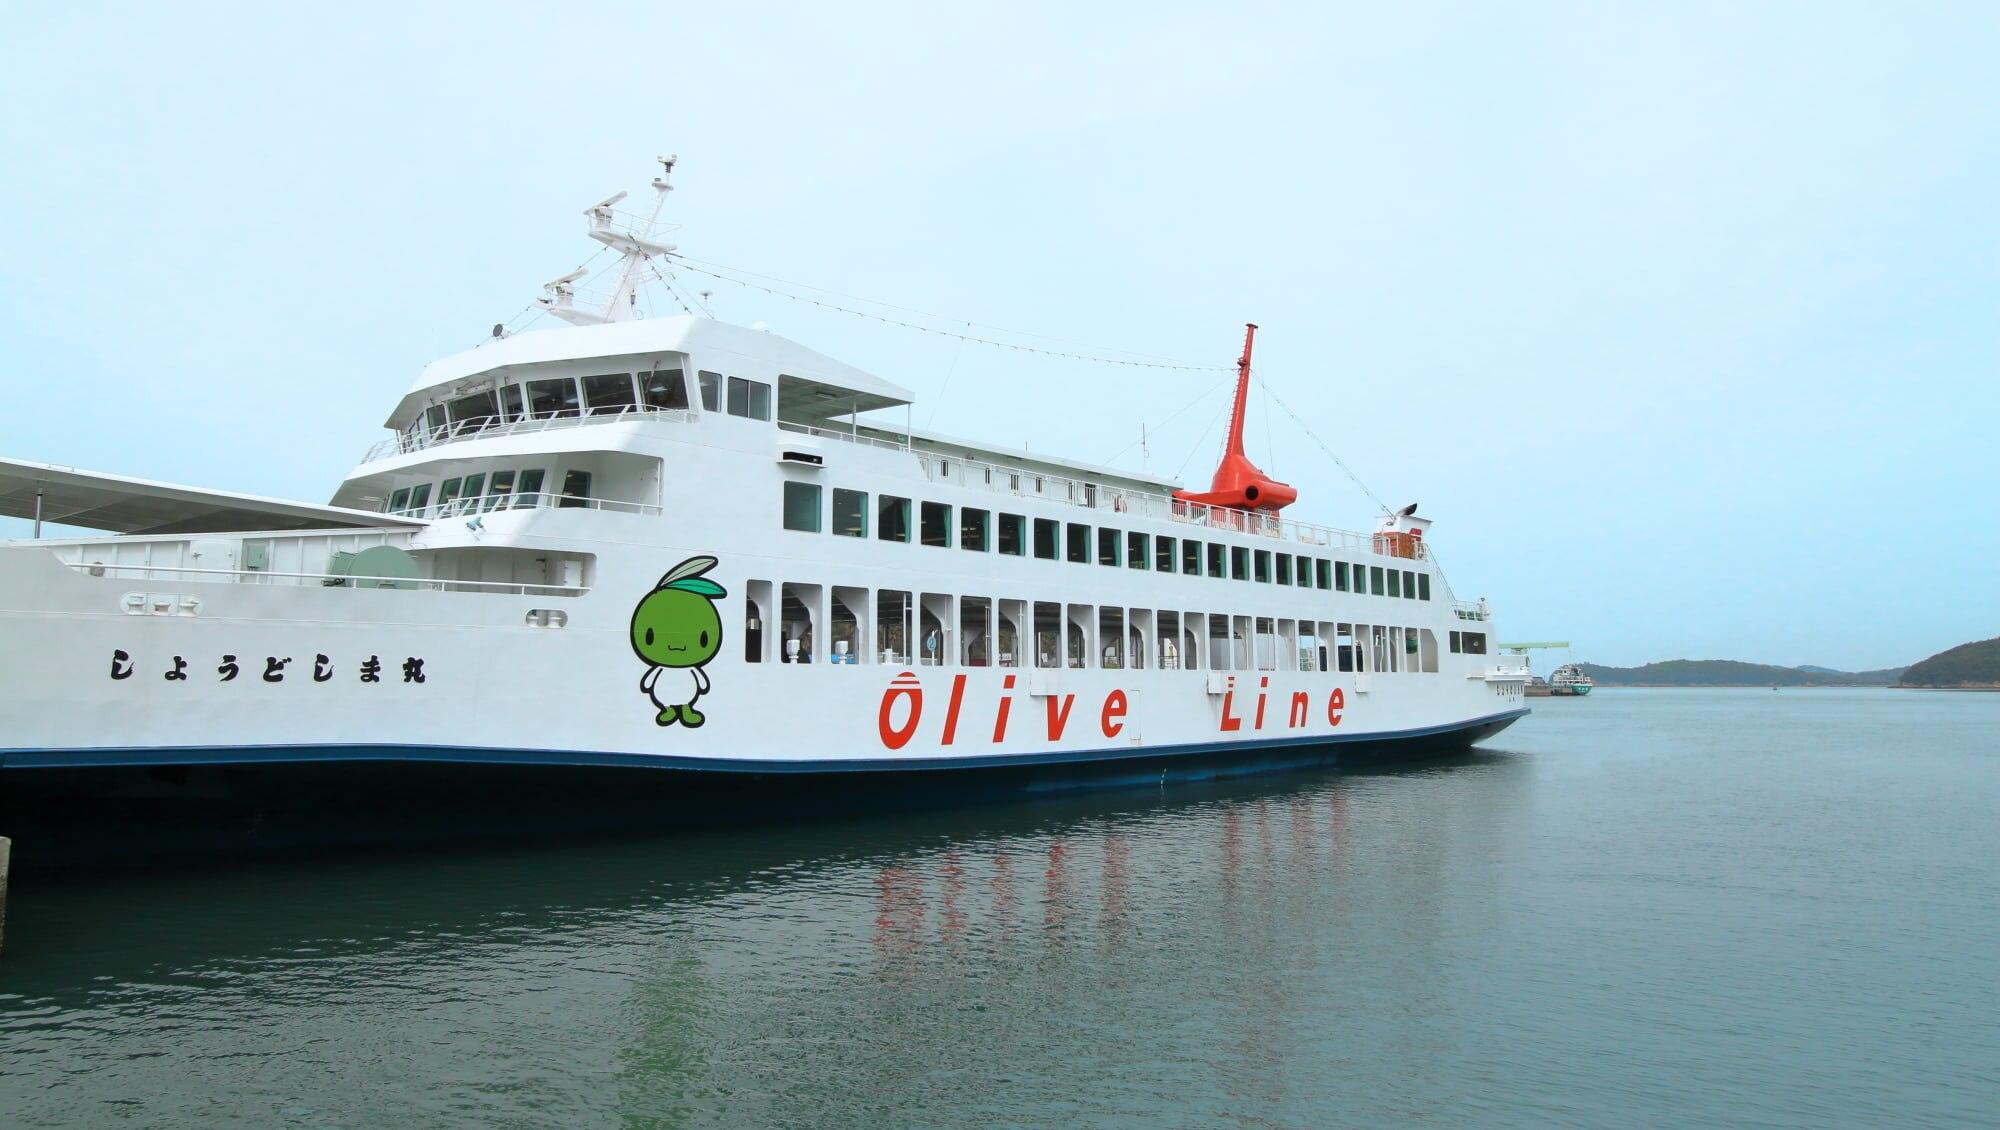 姫路港からフェリーで小豆島へ!さらに四国・高松も楽しむ旅!